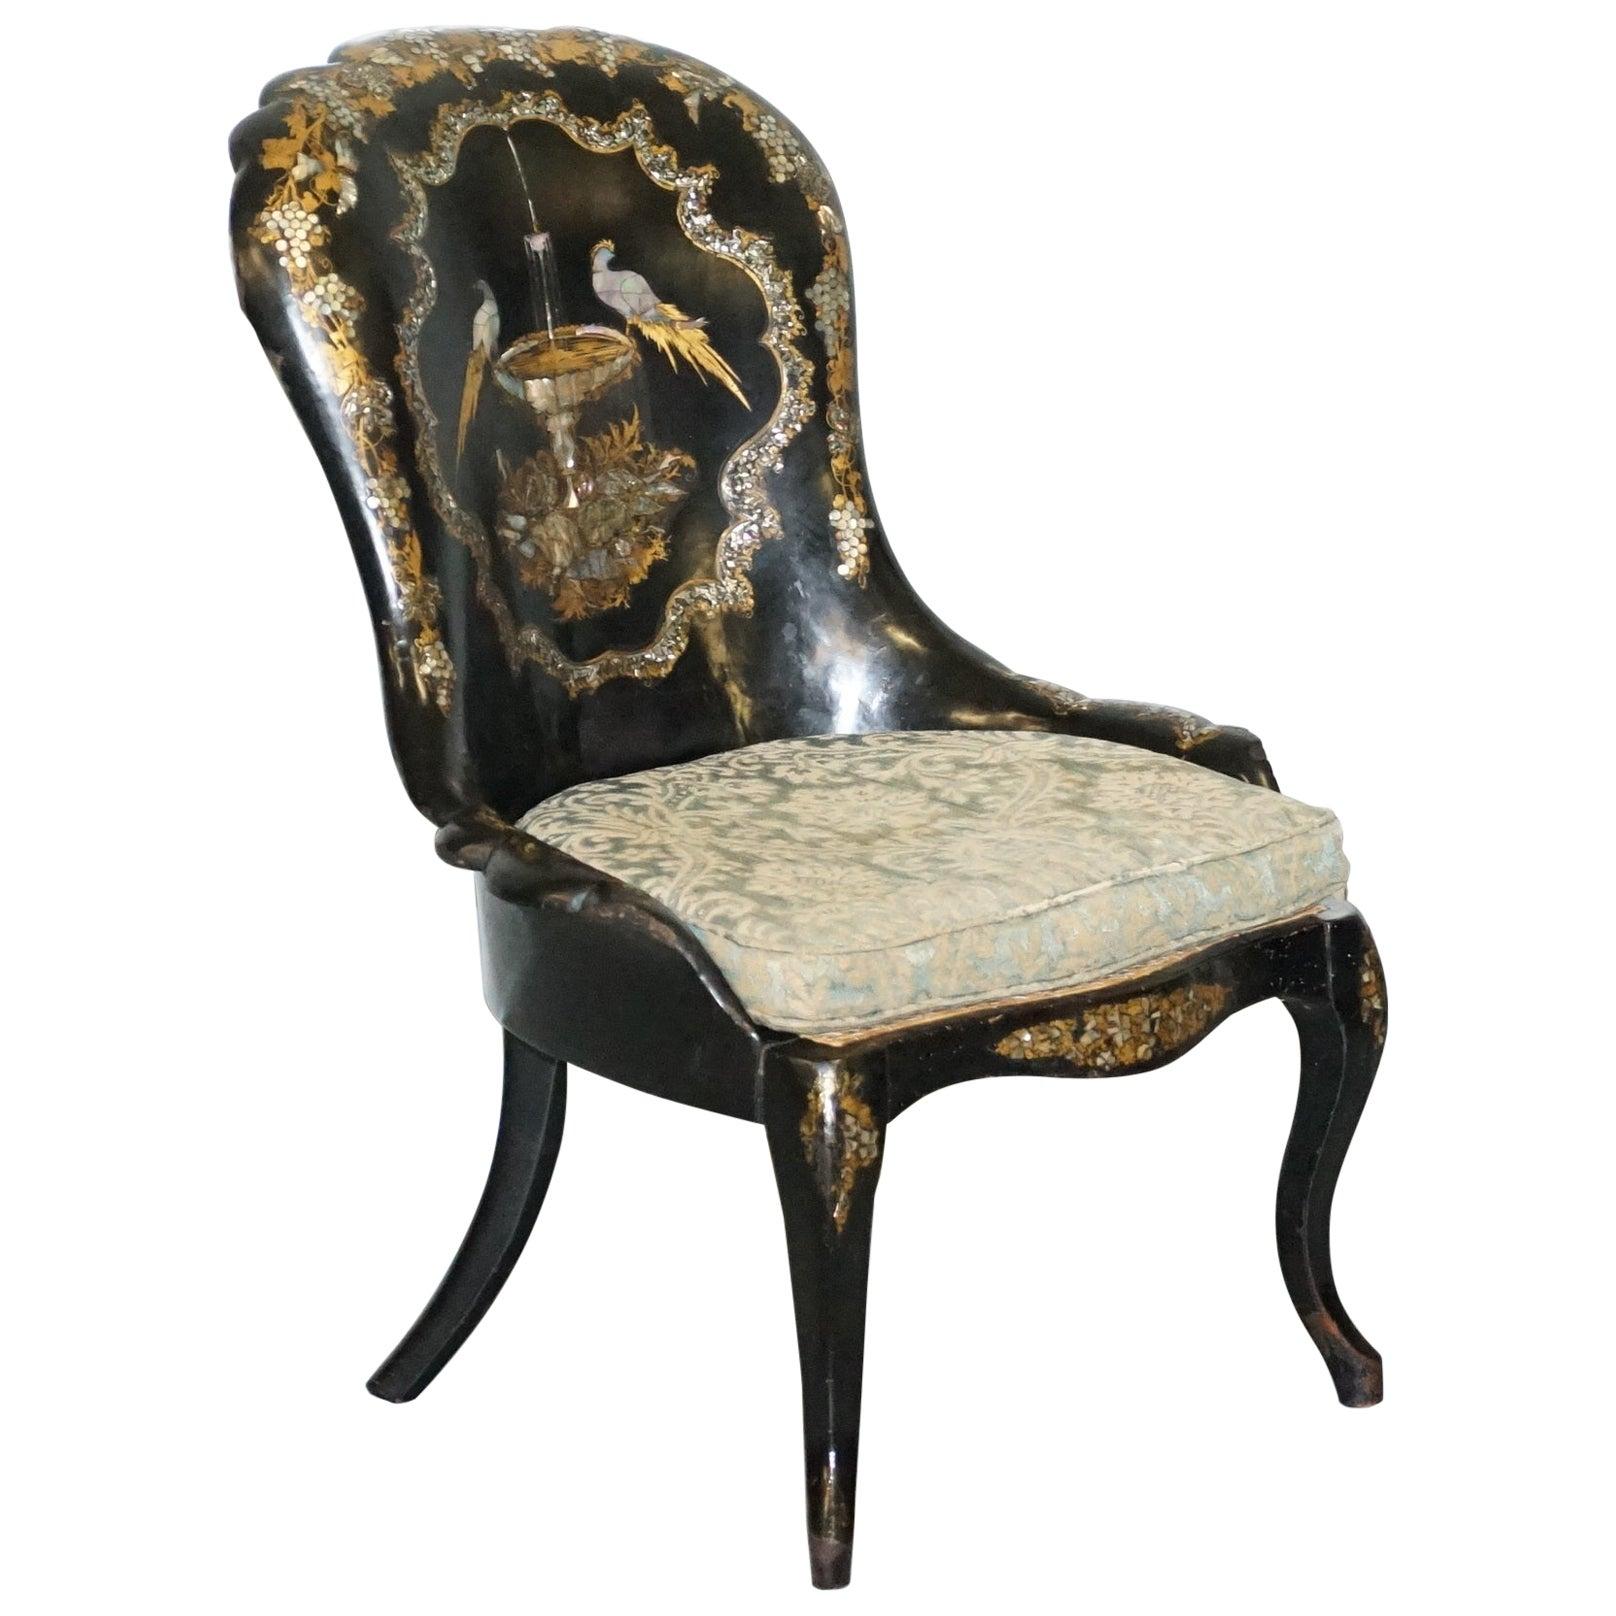 Jennens & Bettridge Brimm Parcel Gilt Papier Mâché Mother of Pearl Birds Chair